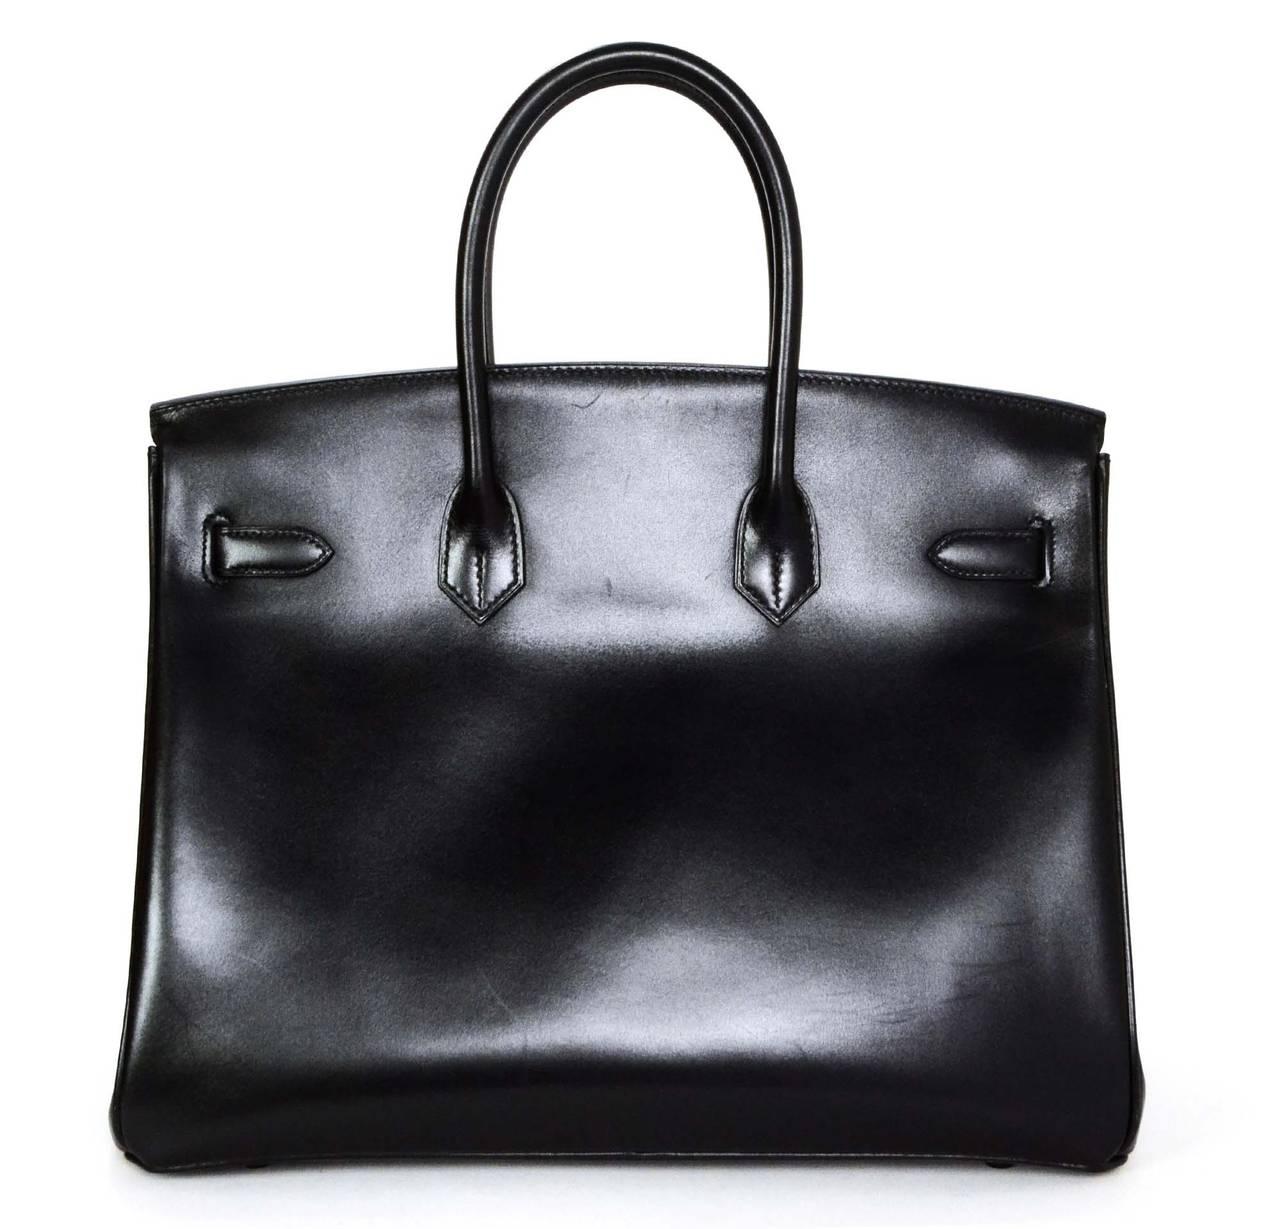 HERMES Rare Black Box Leather Black Hardware SO BLACK 35 cm Birkin ...